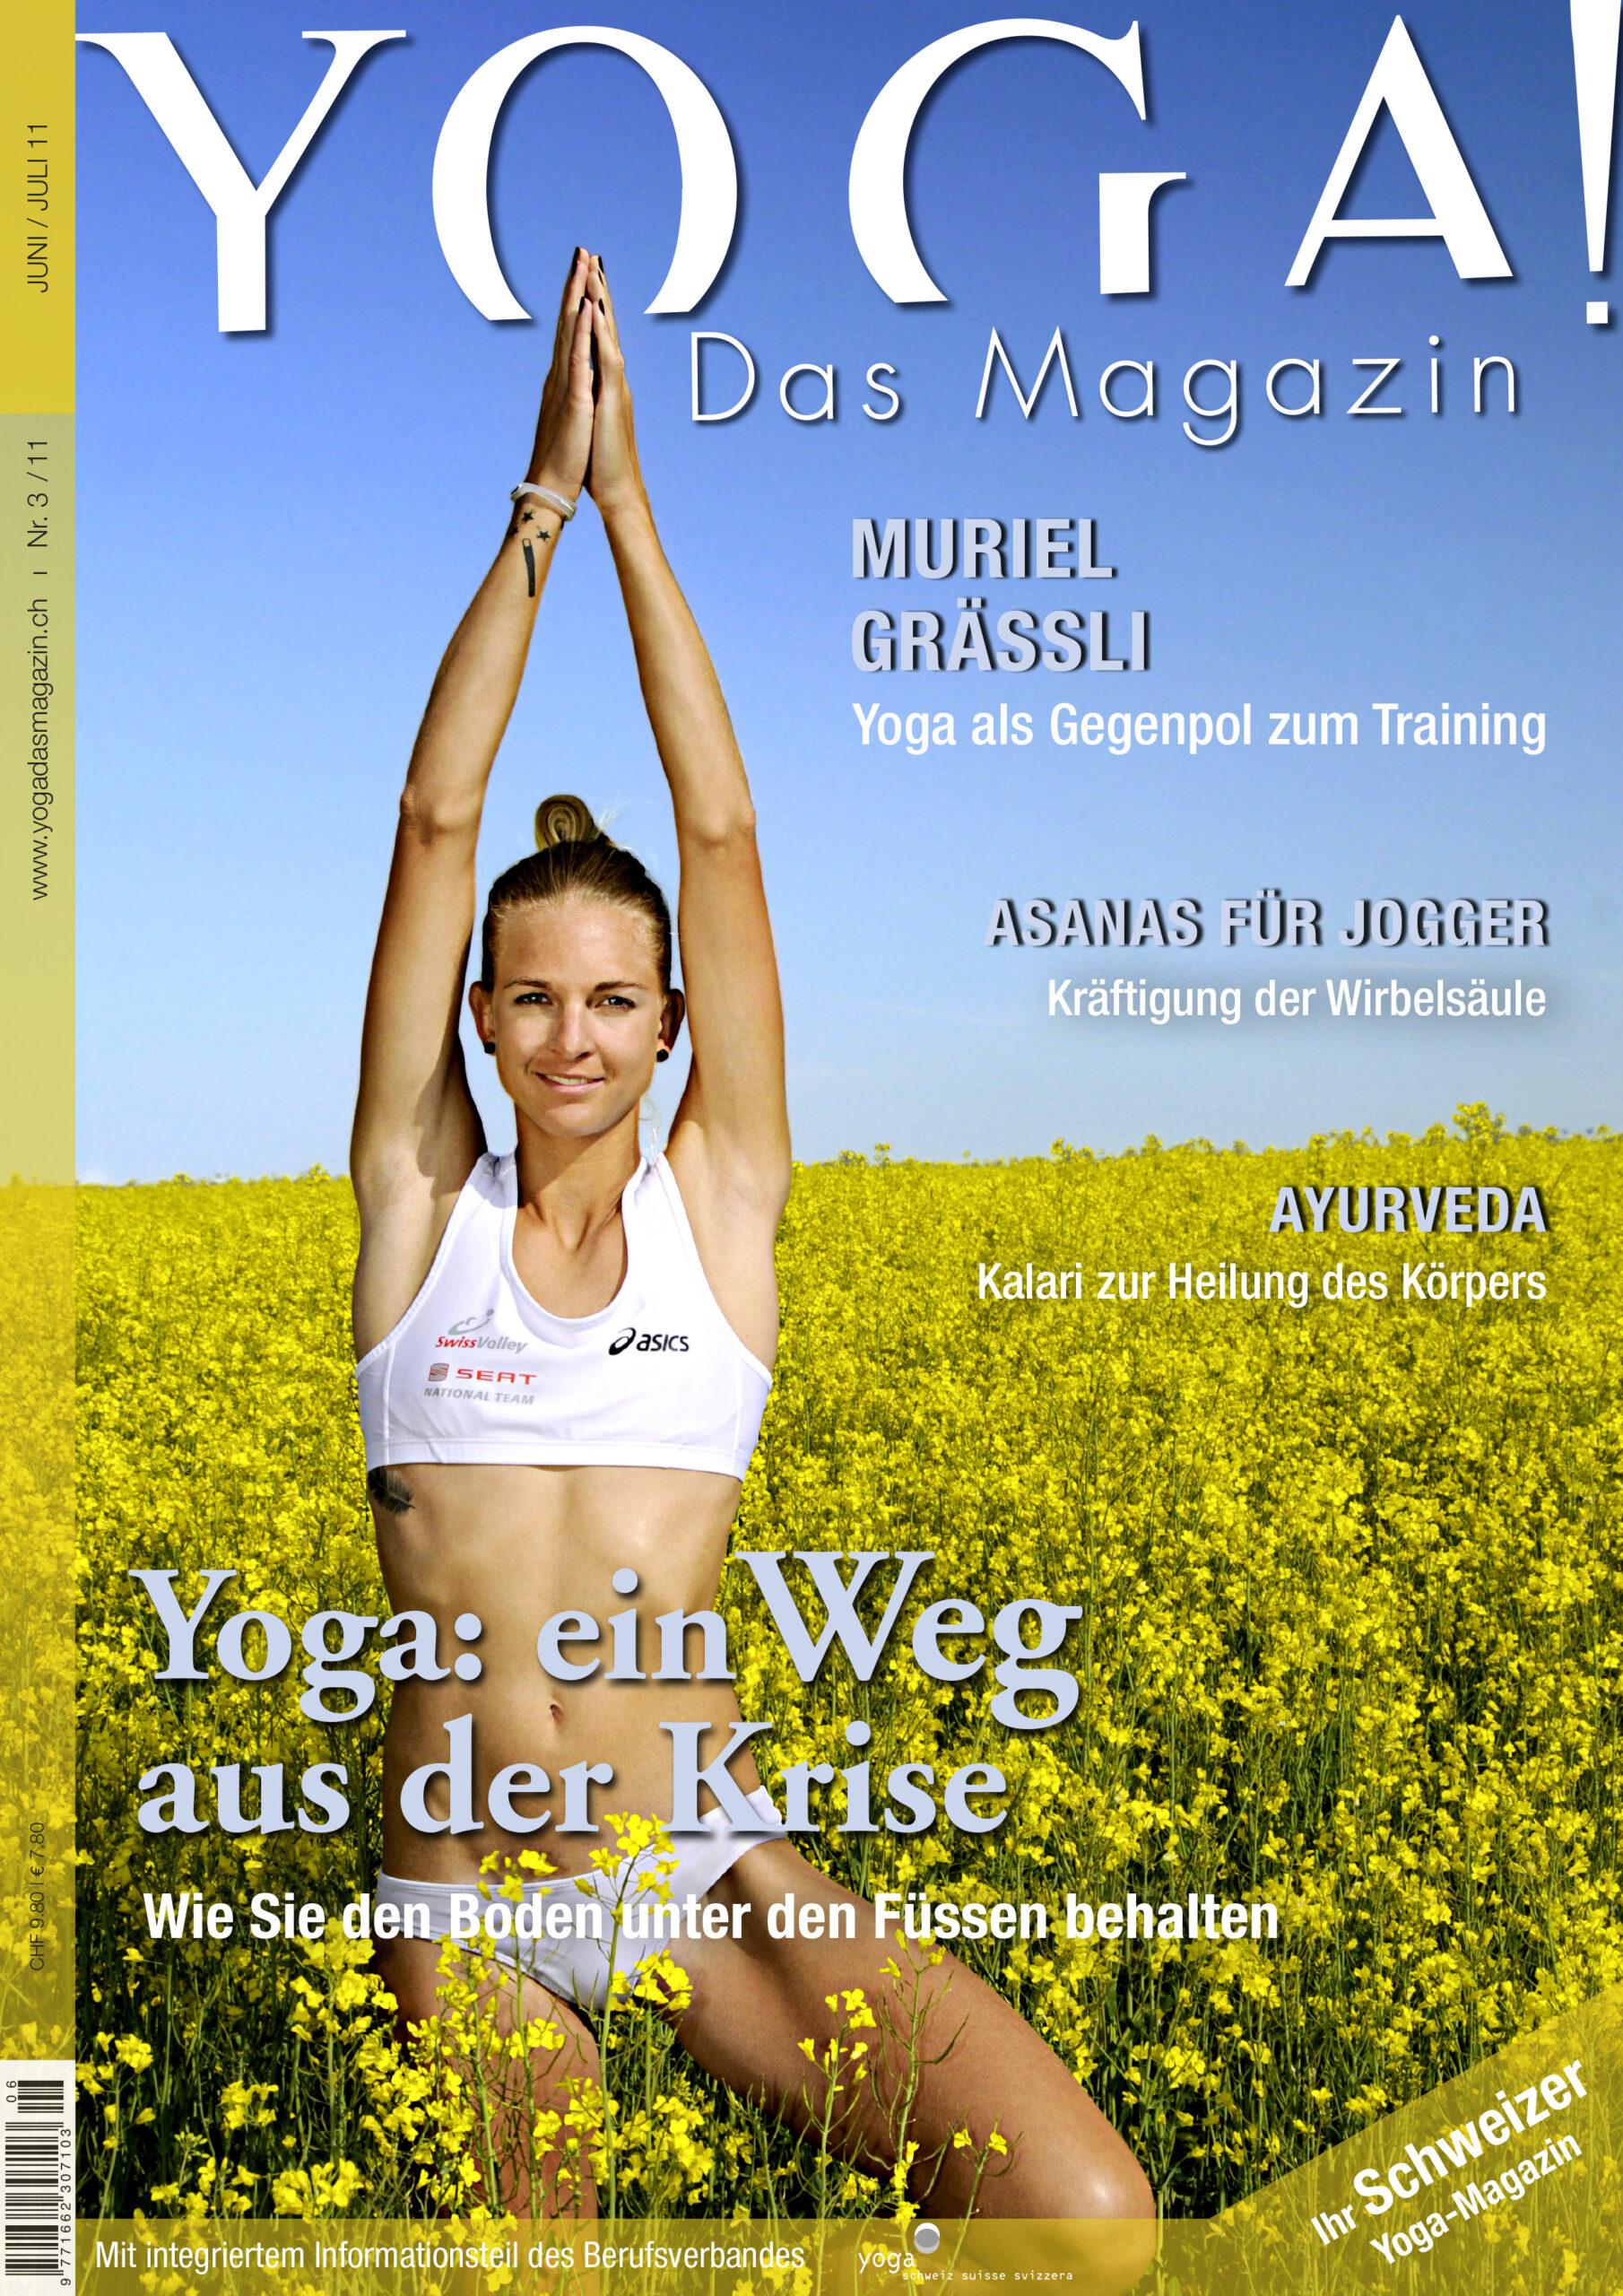 Yoga Das Magazin Pascal Corbat Photography